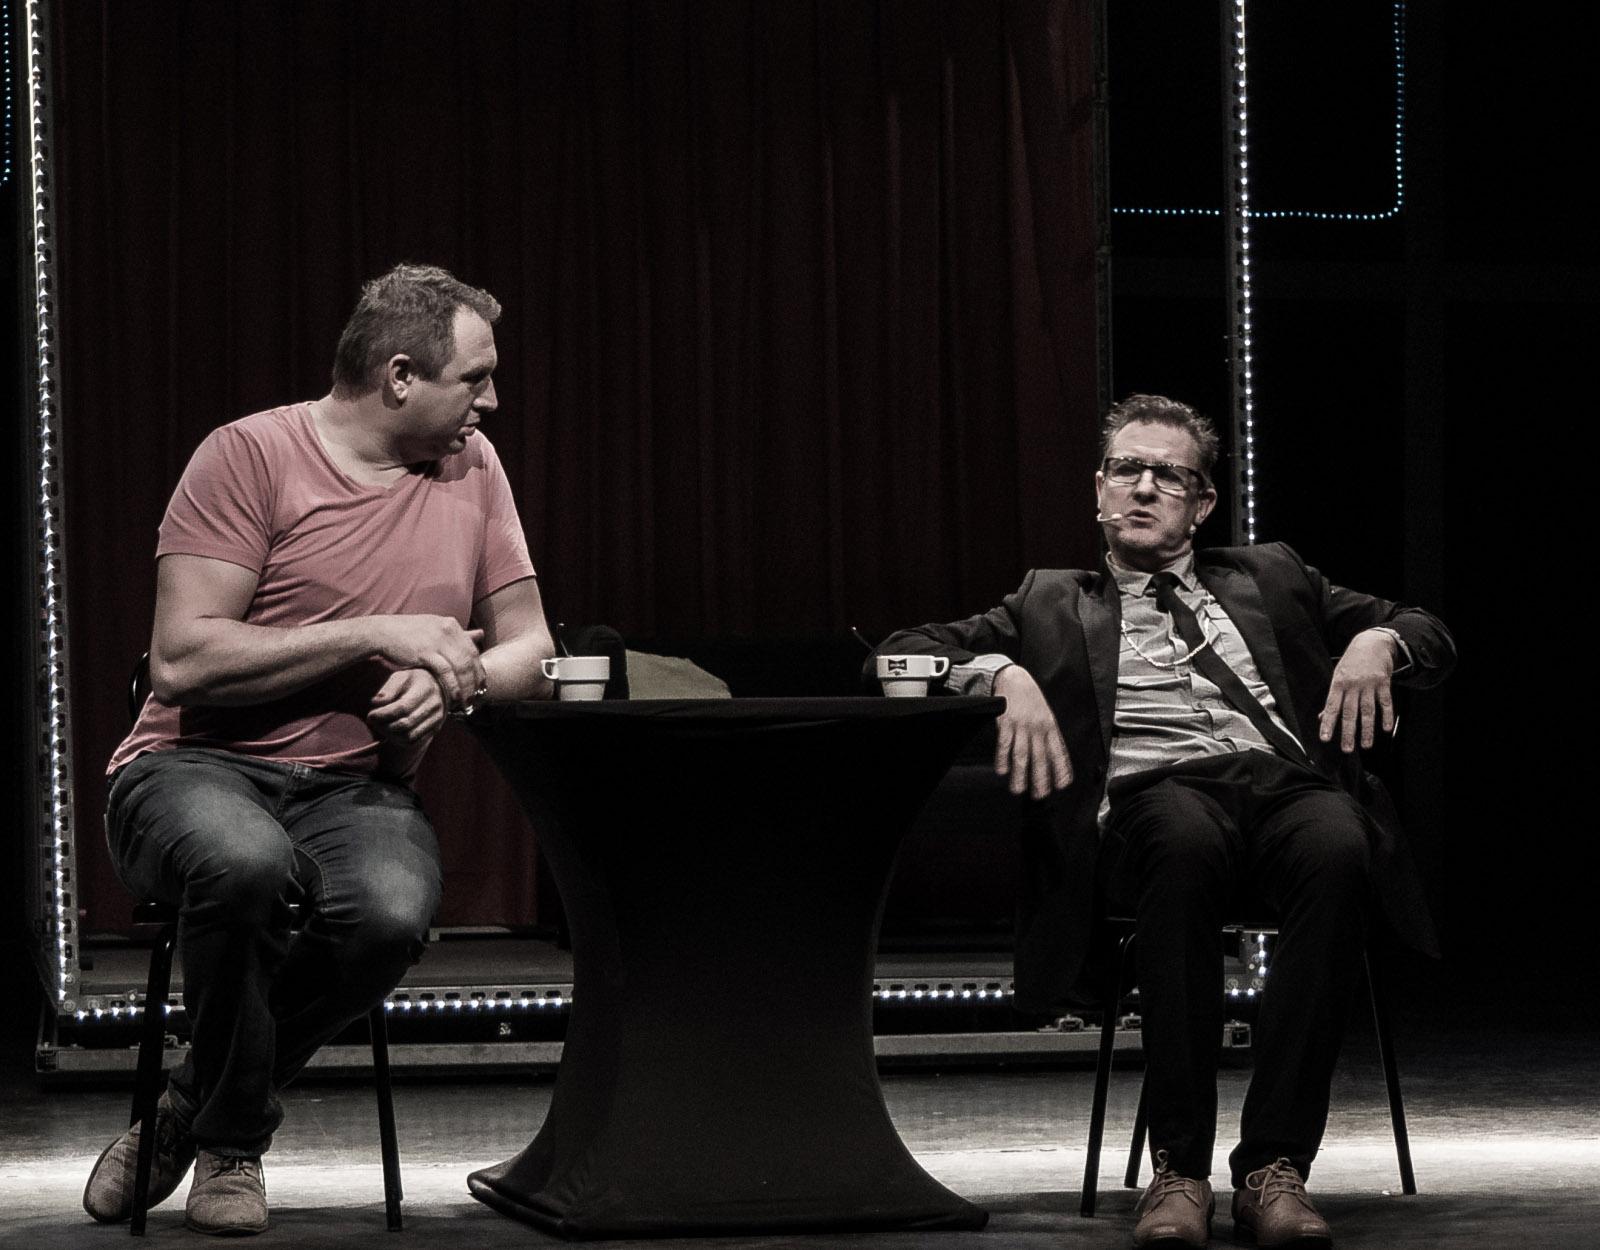 De eigenaars - De Voljeir - Sam Geukens, Harry Philips